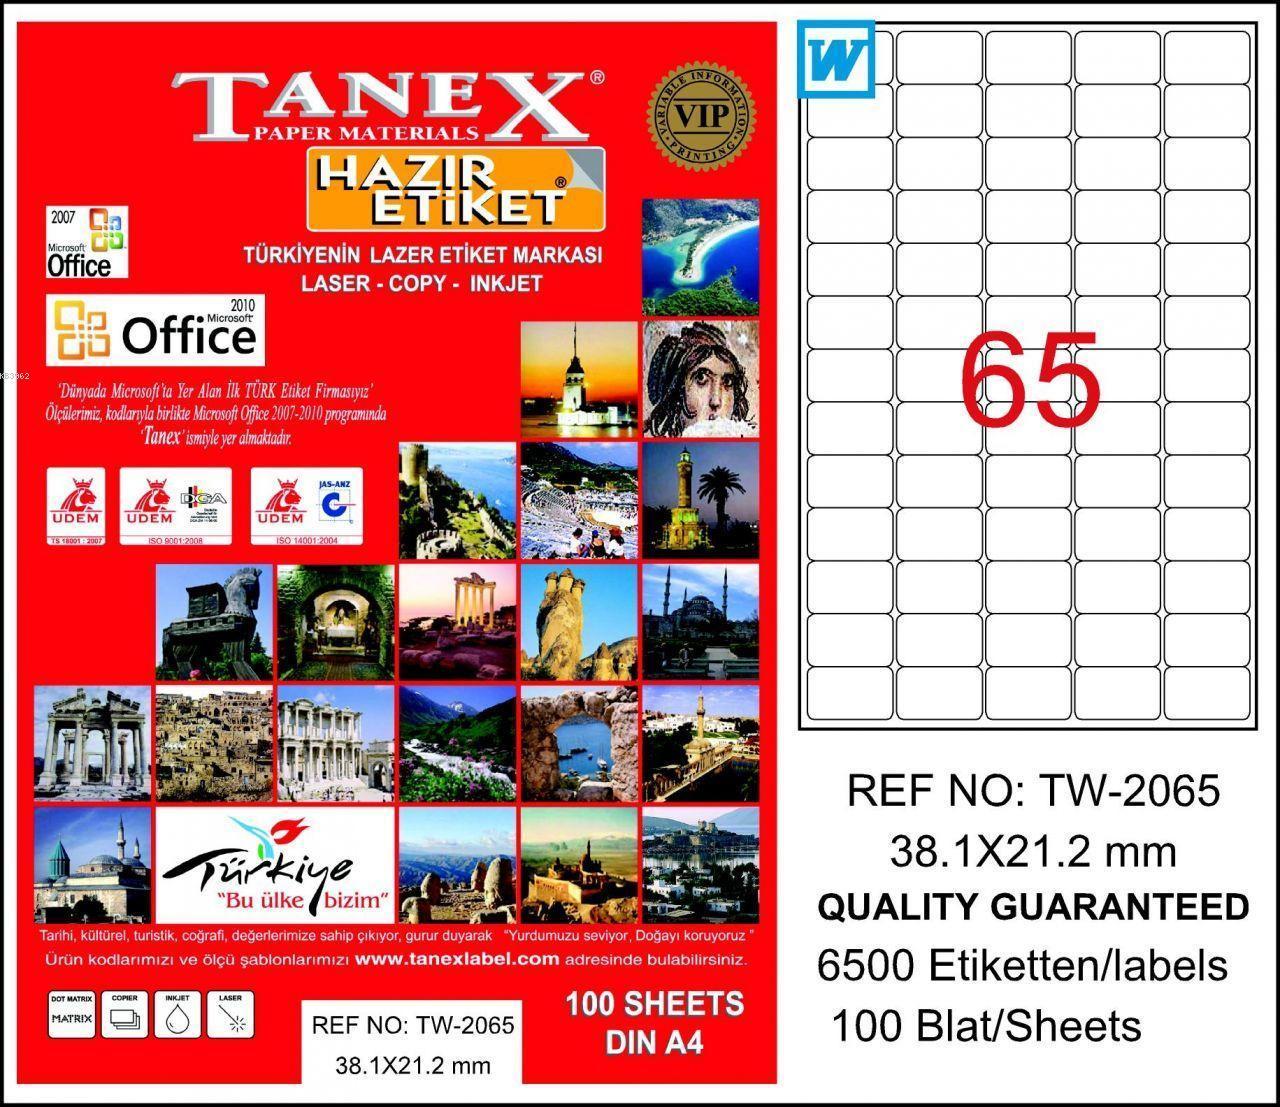 Tanex Laser Etiket Tw-2065 38.1 X 21.2 Mm